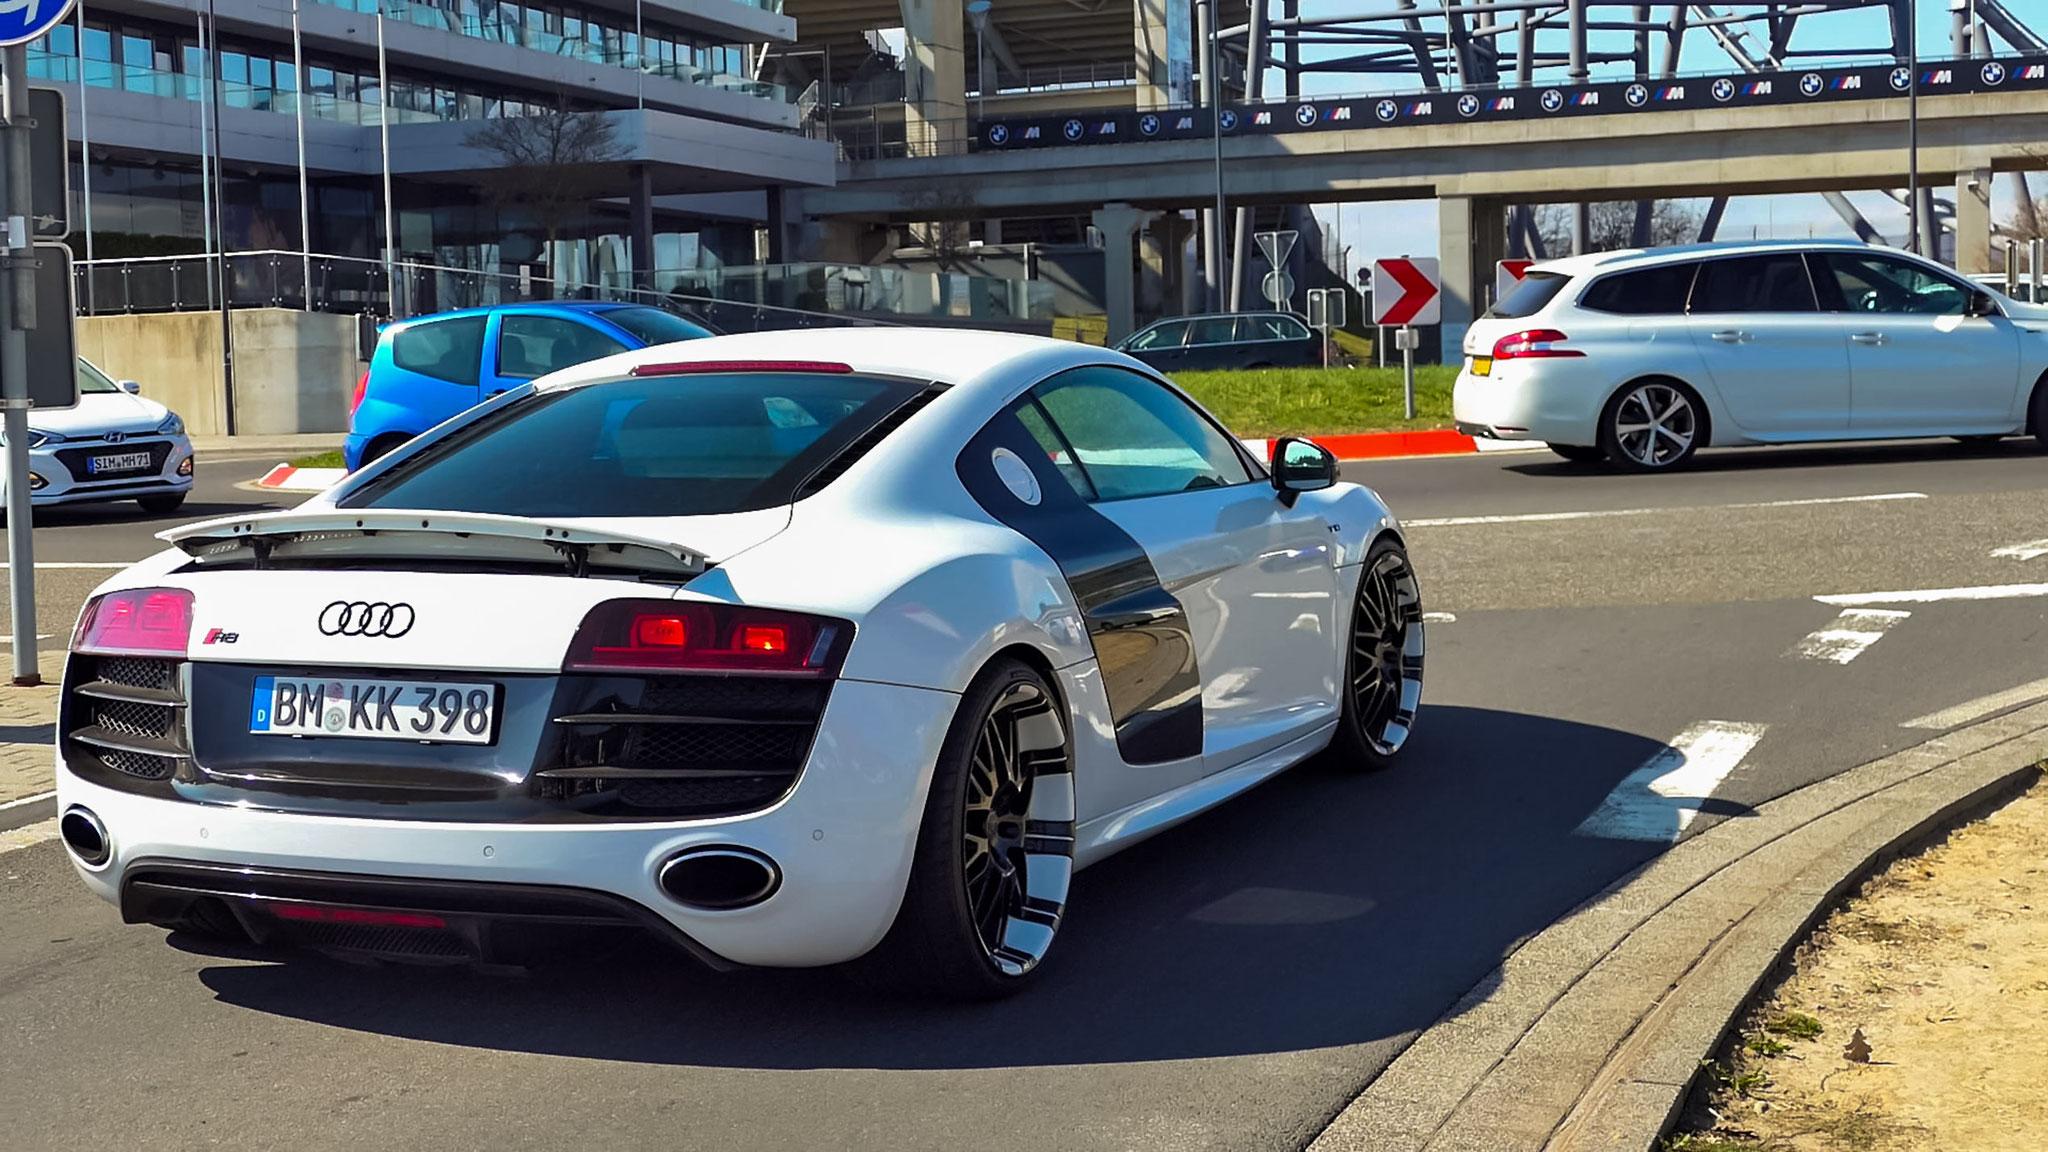 Audi R8 V10 - BM-KK-398